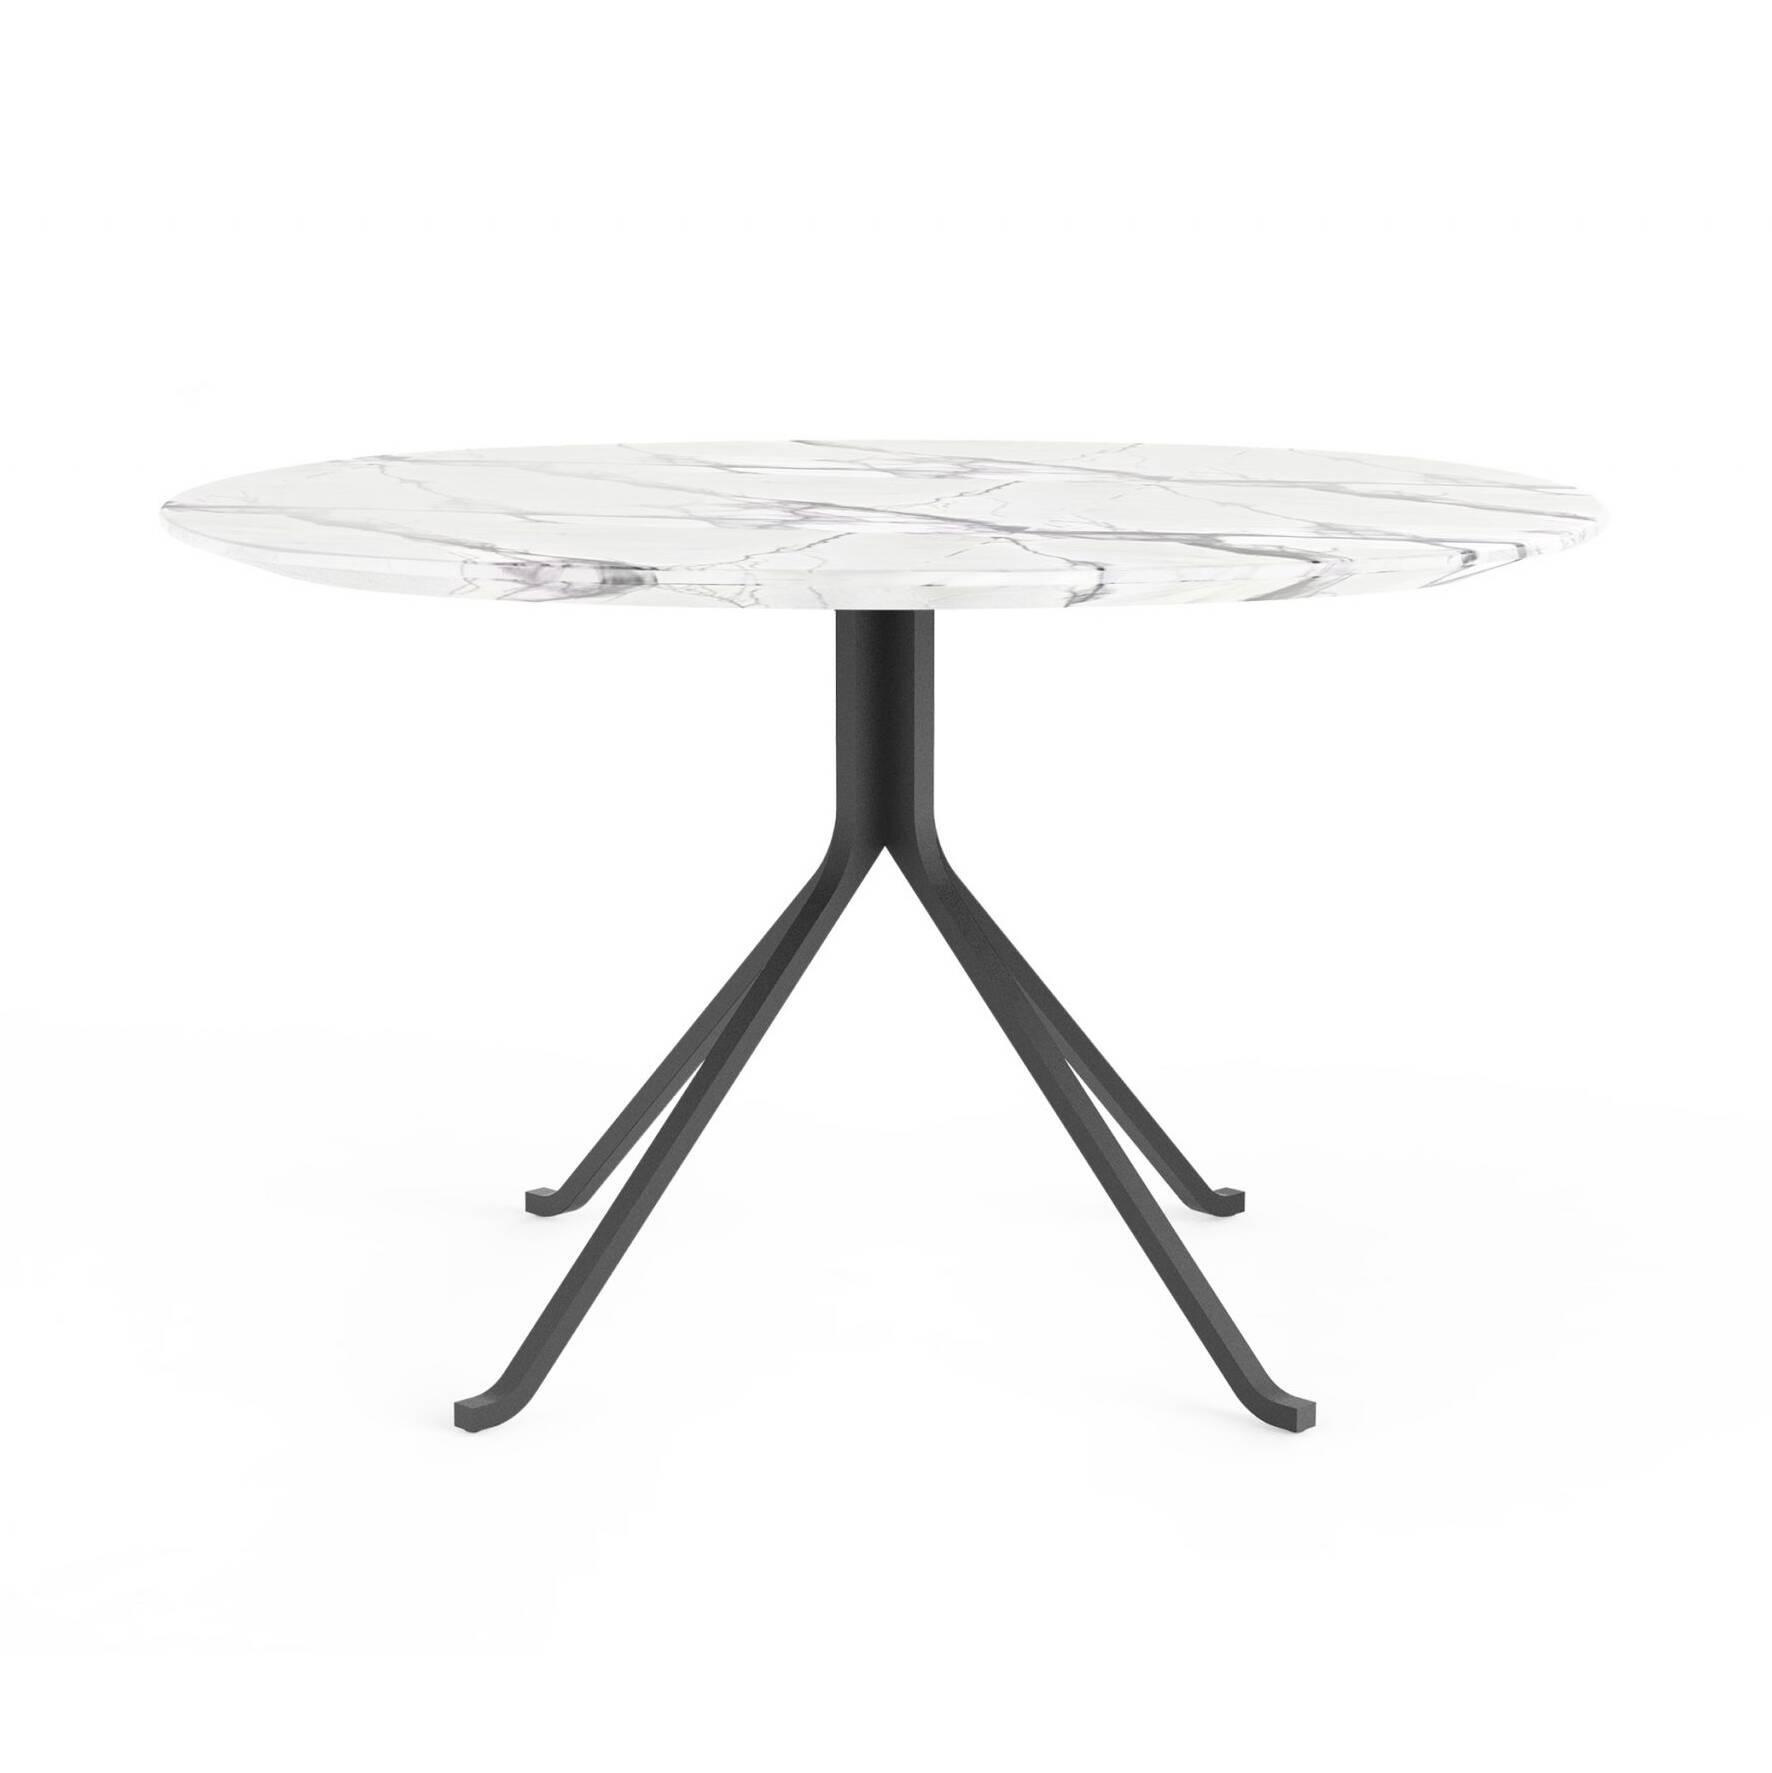 Обеденный стол Blink с каменной столешницей диаметр 120 стол обеденный опора металл орех монпелье 432903 шатура столы обеденные